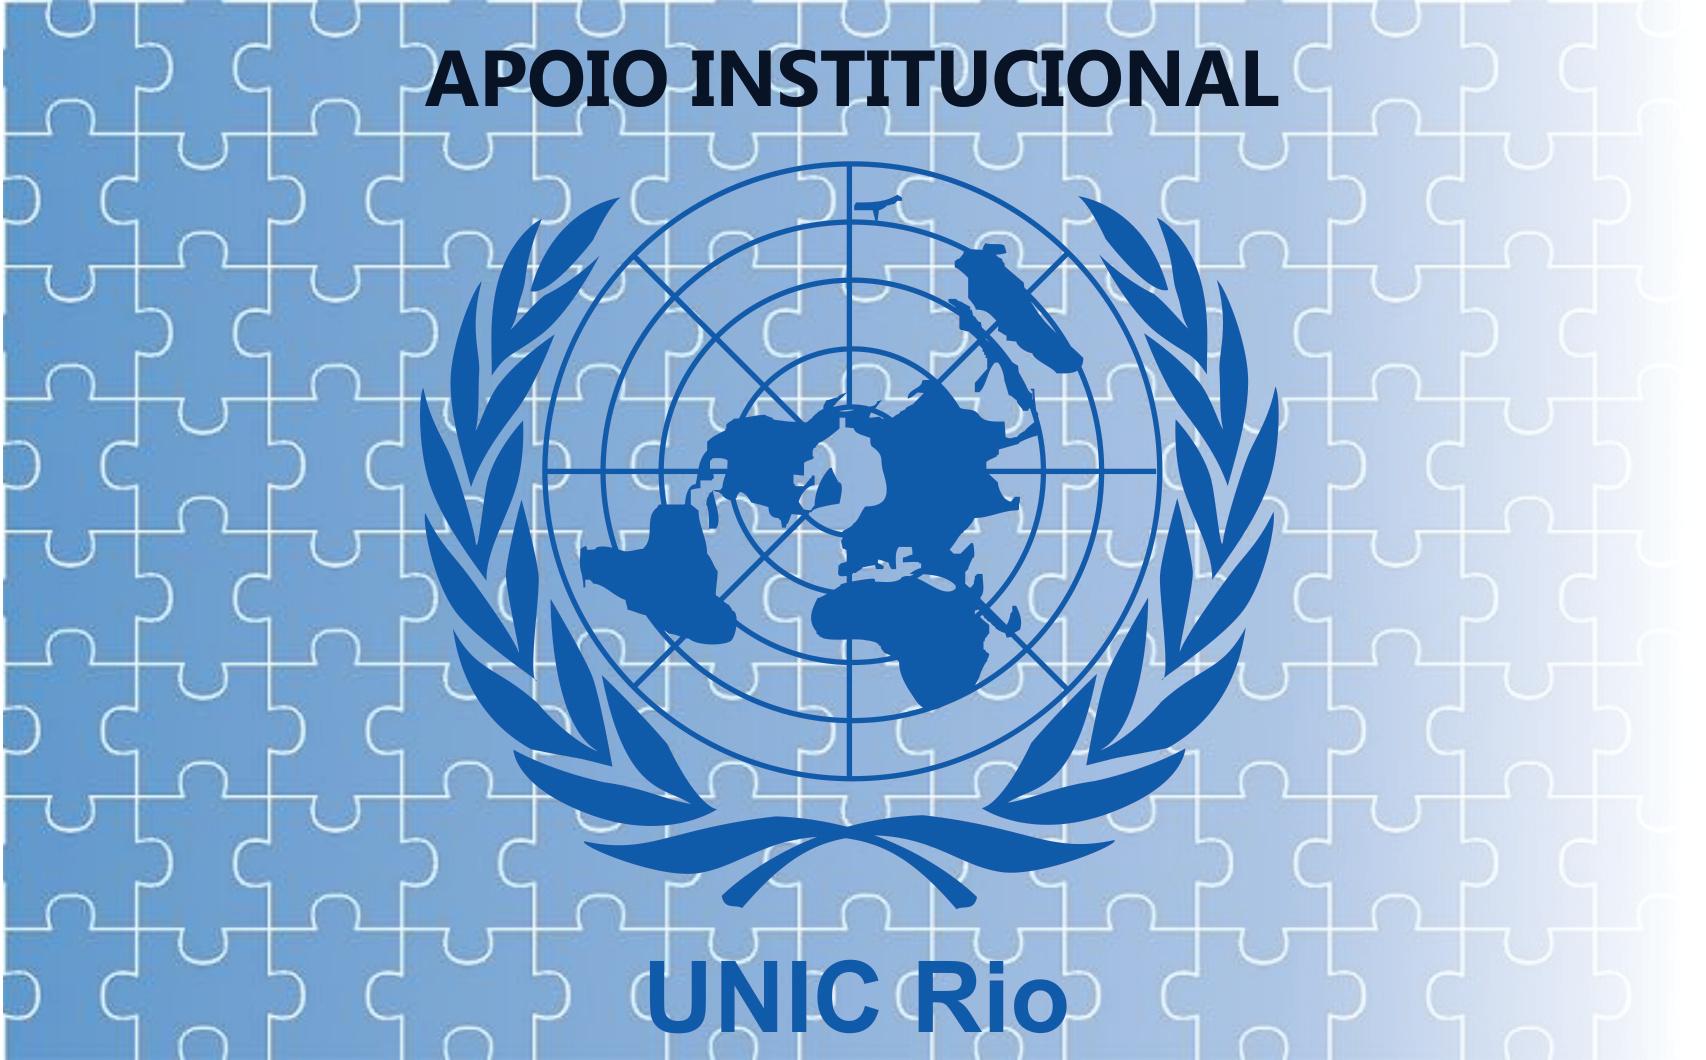 Evento com Apoio Oficial da ONU